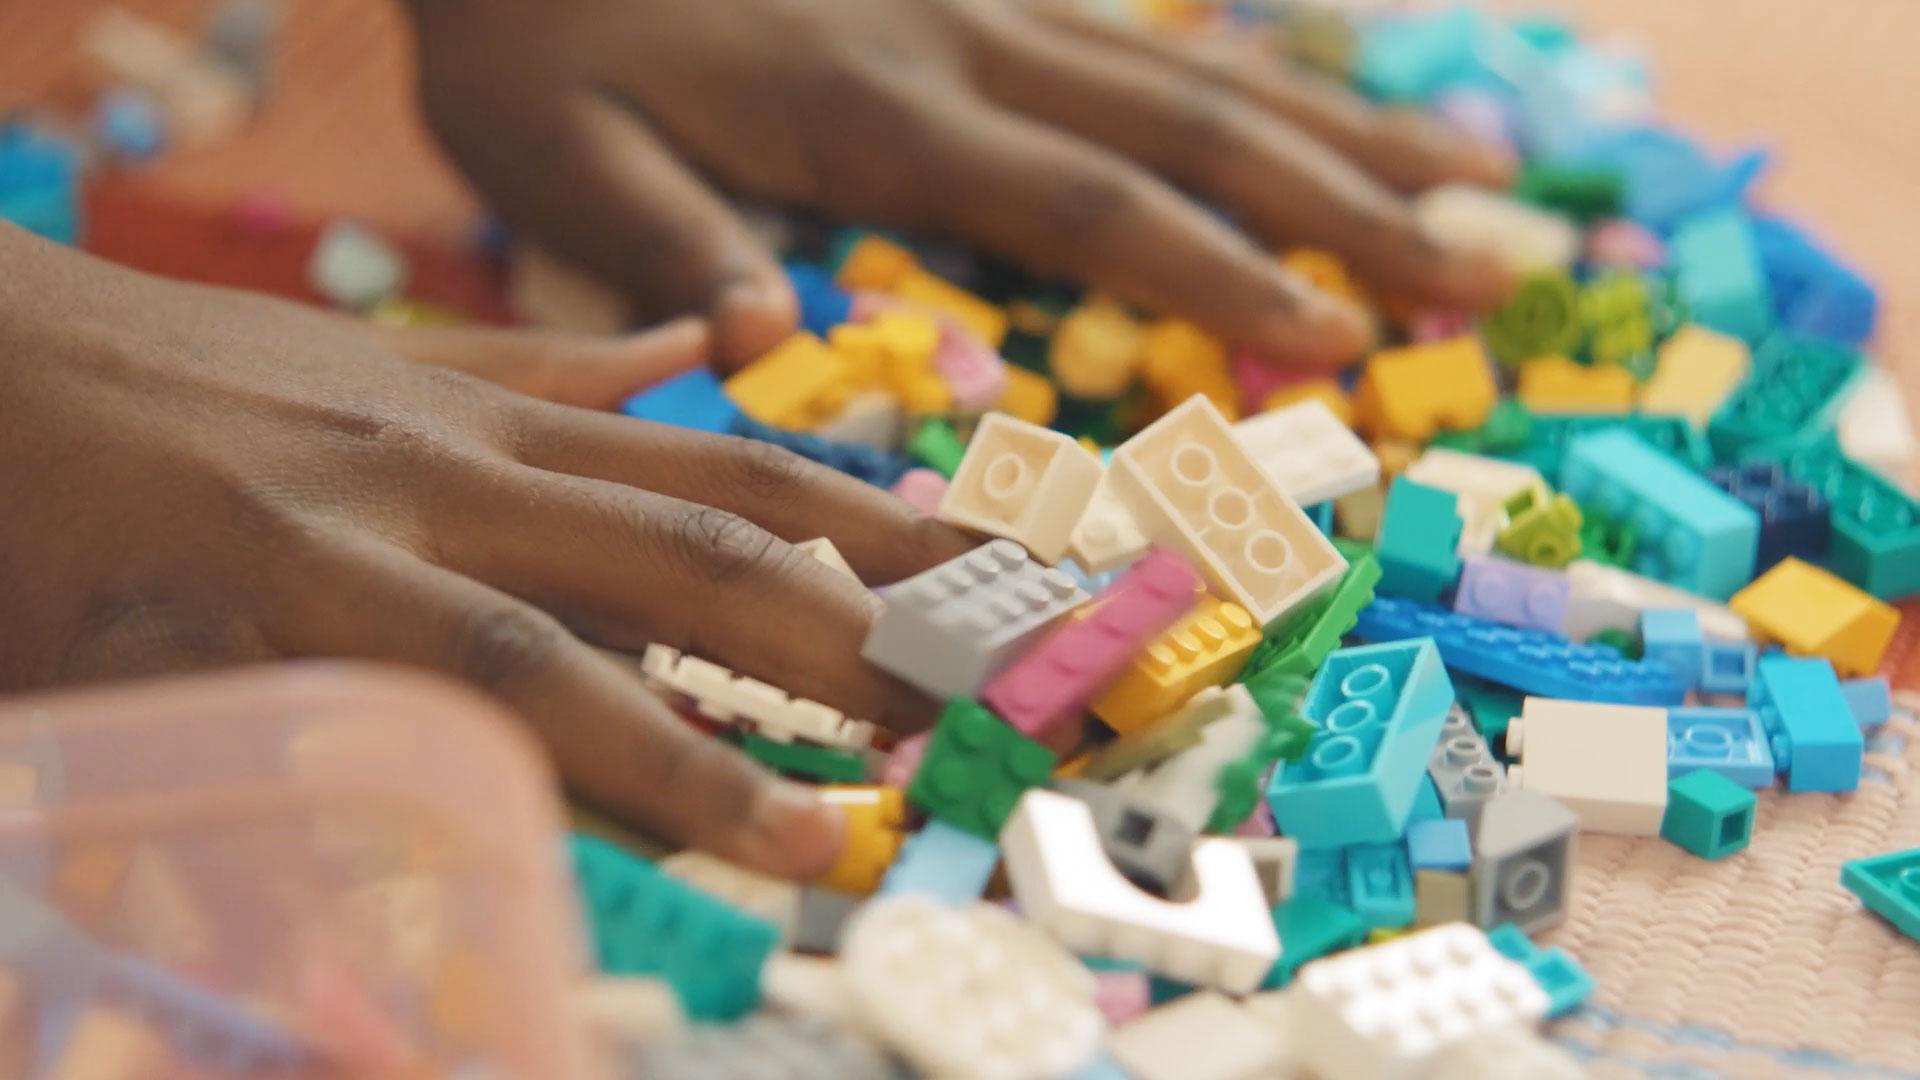 Problema del día: El auge de la venta al por menor de juguetes neutrales al género